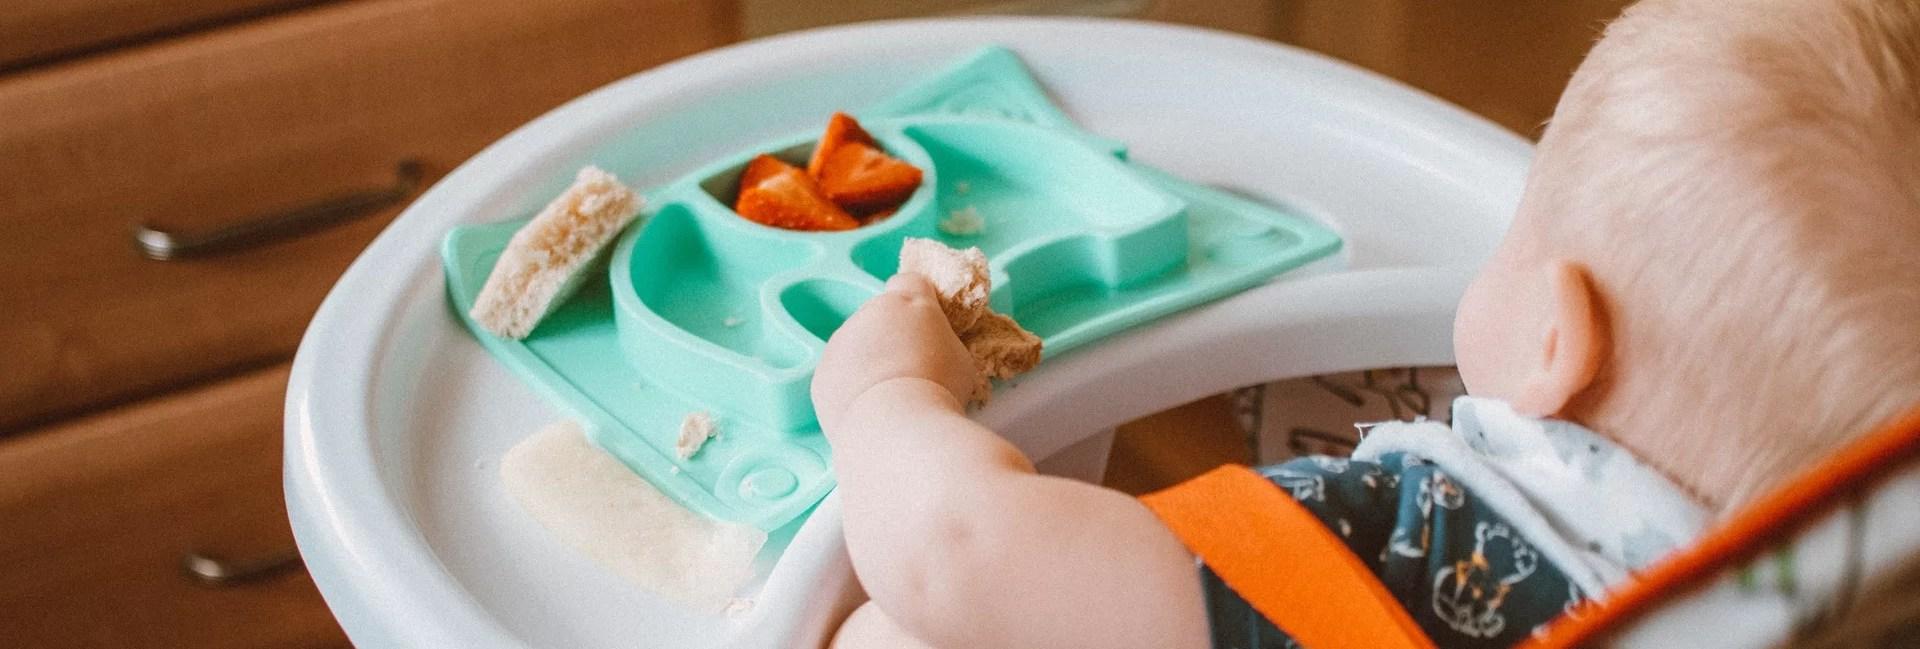 assiette bébé silicone : assiette compartimentée